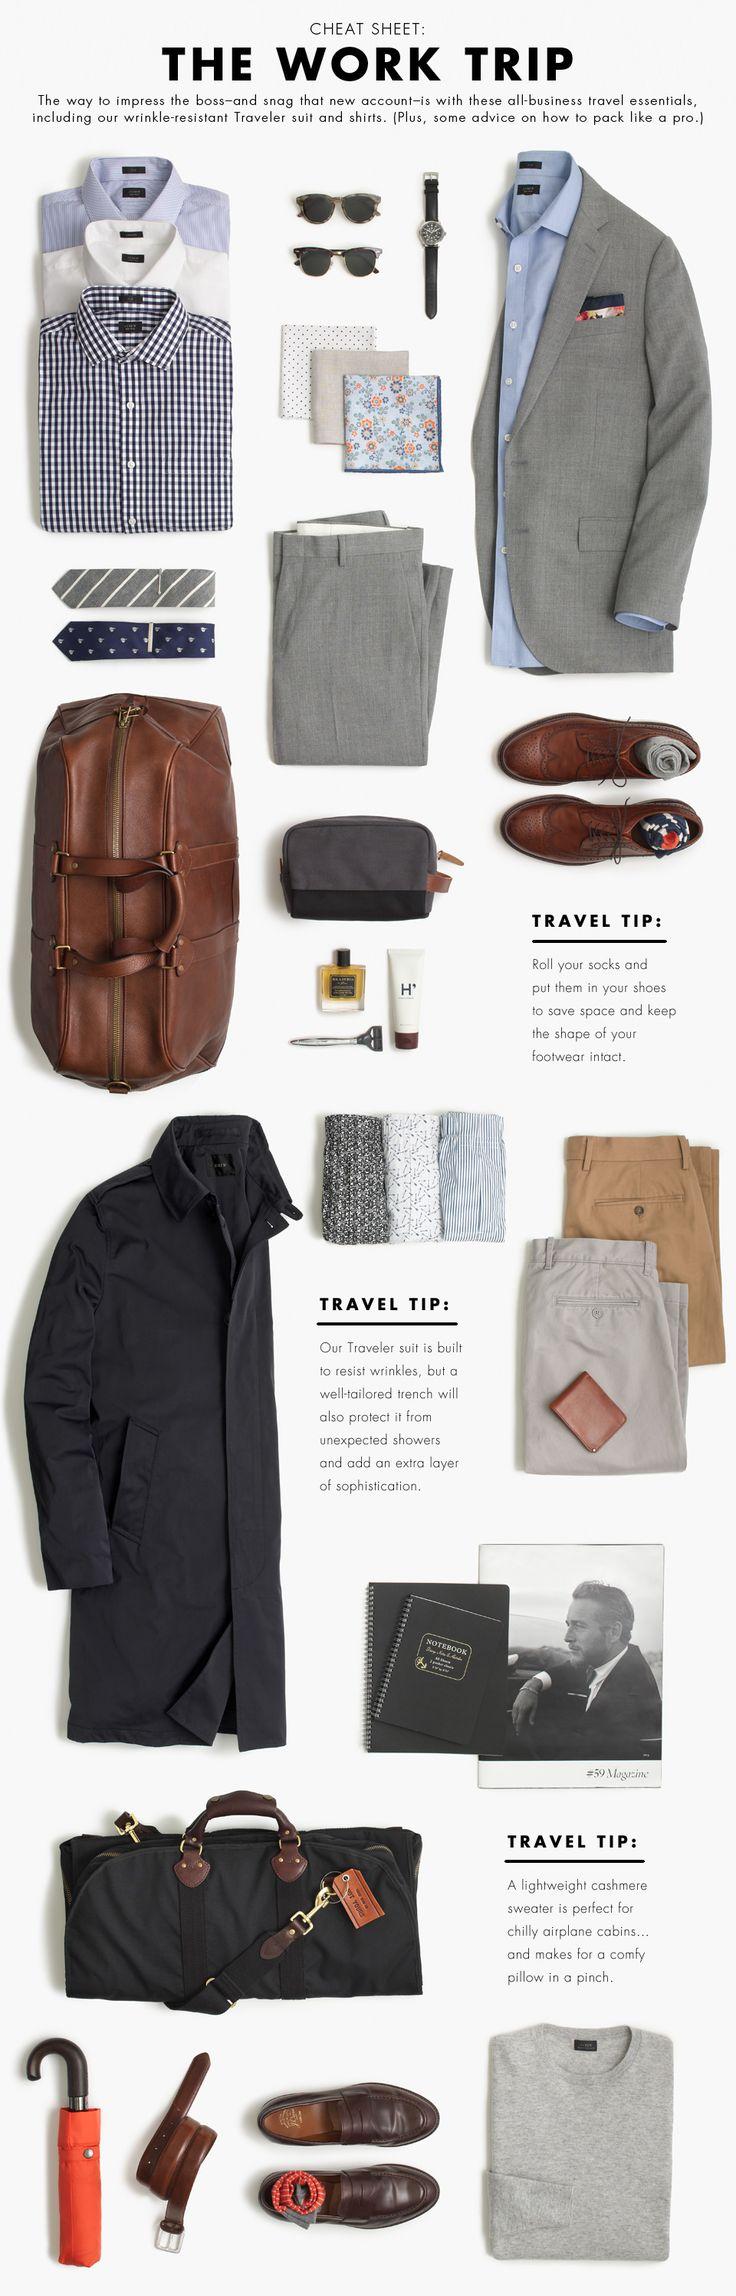 The work trip outfit. | David Shadpour; sencillo y fácil de tener en casa lo sugerido por Shadpour